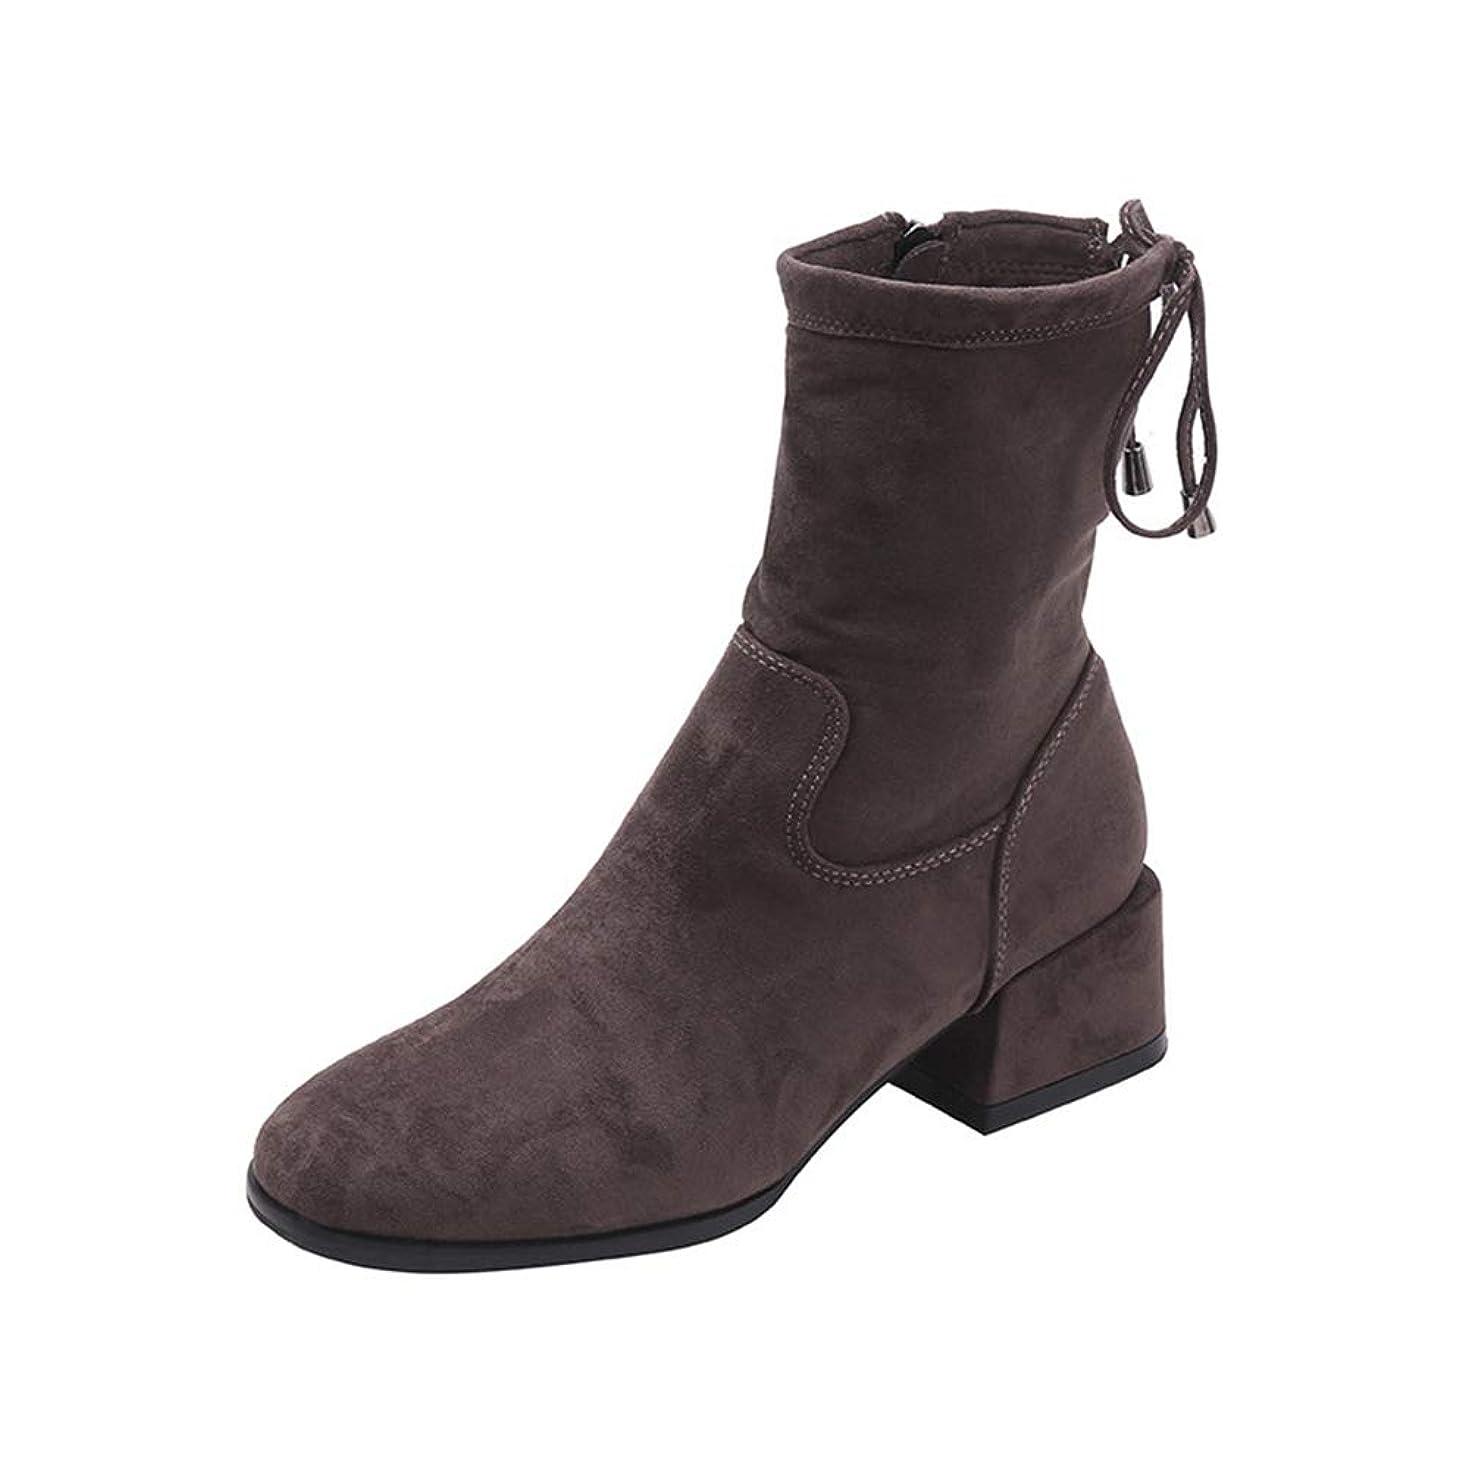 すずめ沿って数学的な[ノーブランド品] [QIFENGDIANZ]レディースブーツ マーティン?ブーツ カラオケ 大きいサイズ 歩きやすい 秋冬靴 防寒 防滑 つま先尖って 厚底 ヒール ショートブーツ 美脚 かわいい レオパード 通勤 アウトドア グレー 22.5cm